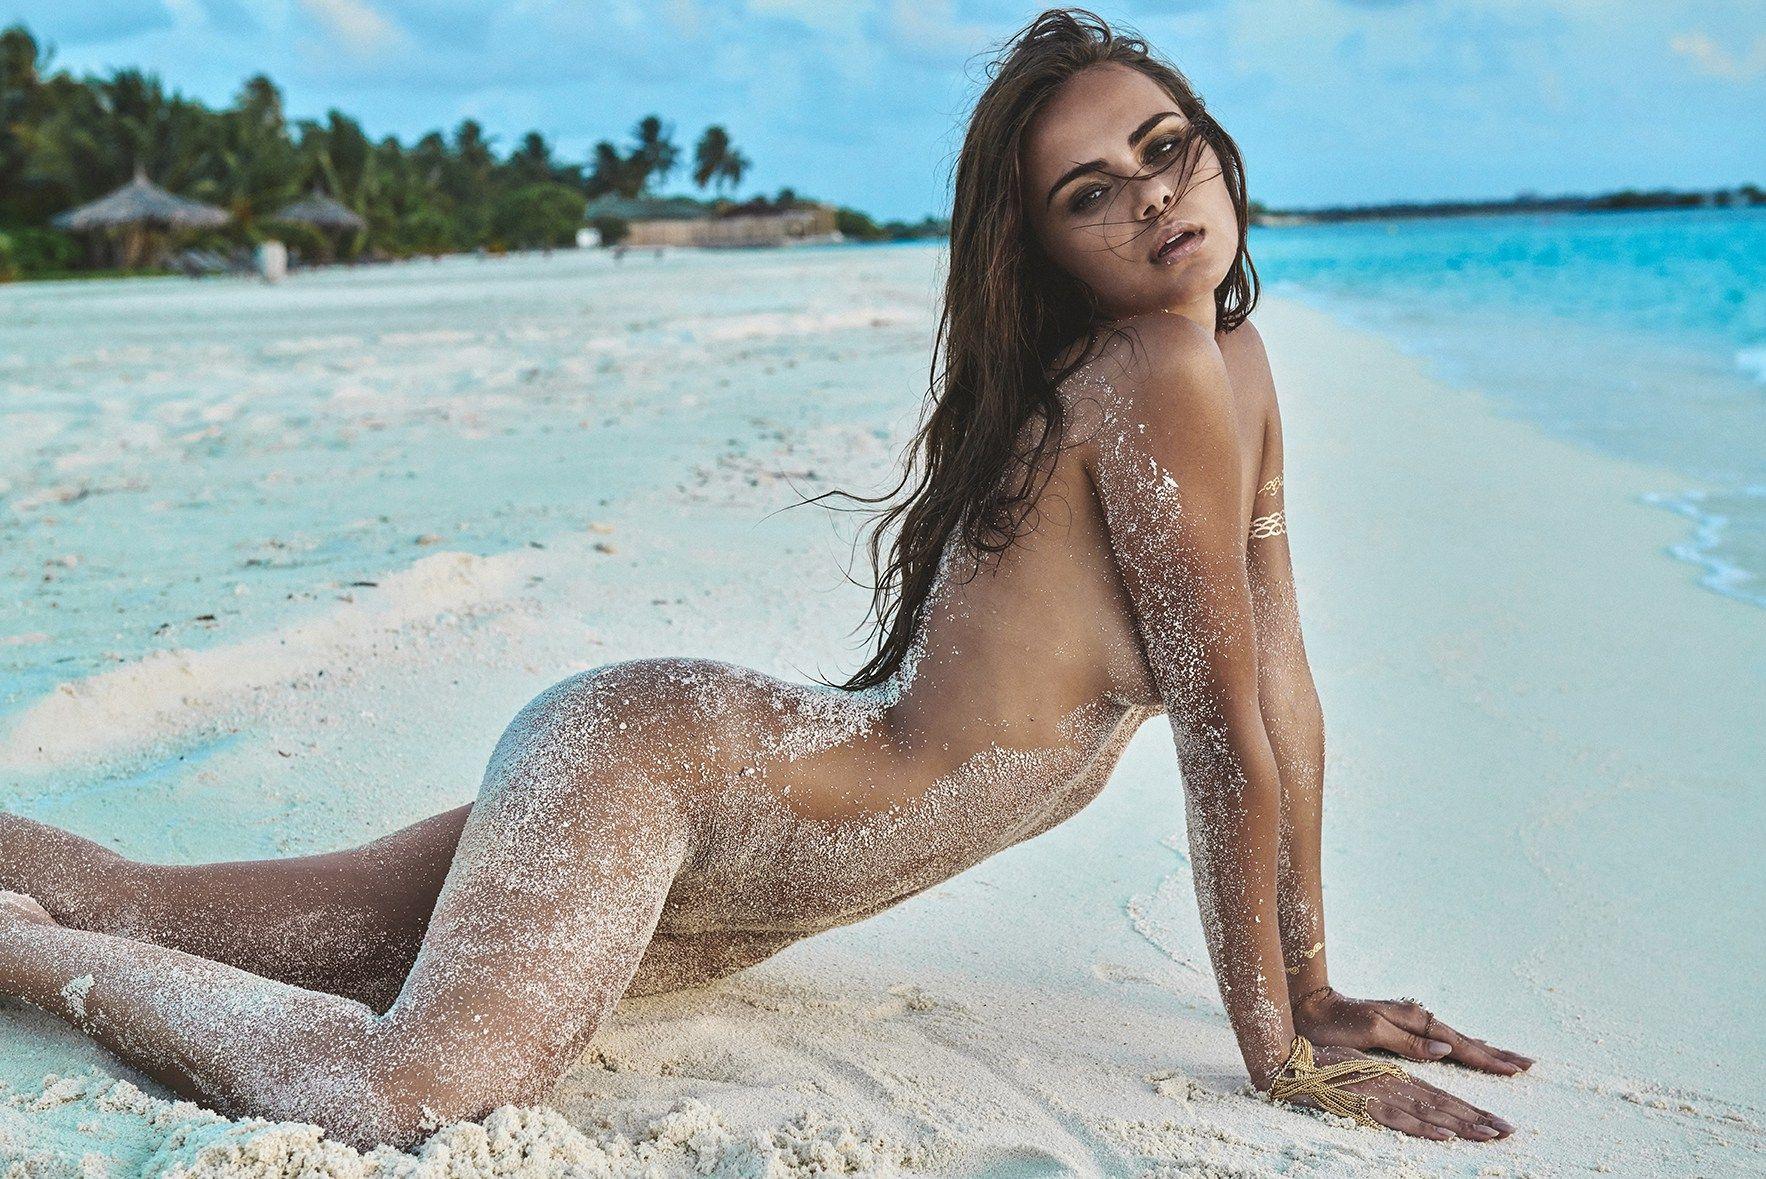 Xenia-Deli-Nude-Topless-5 (1)